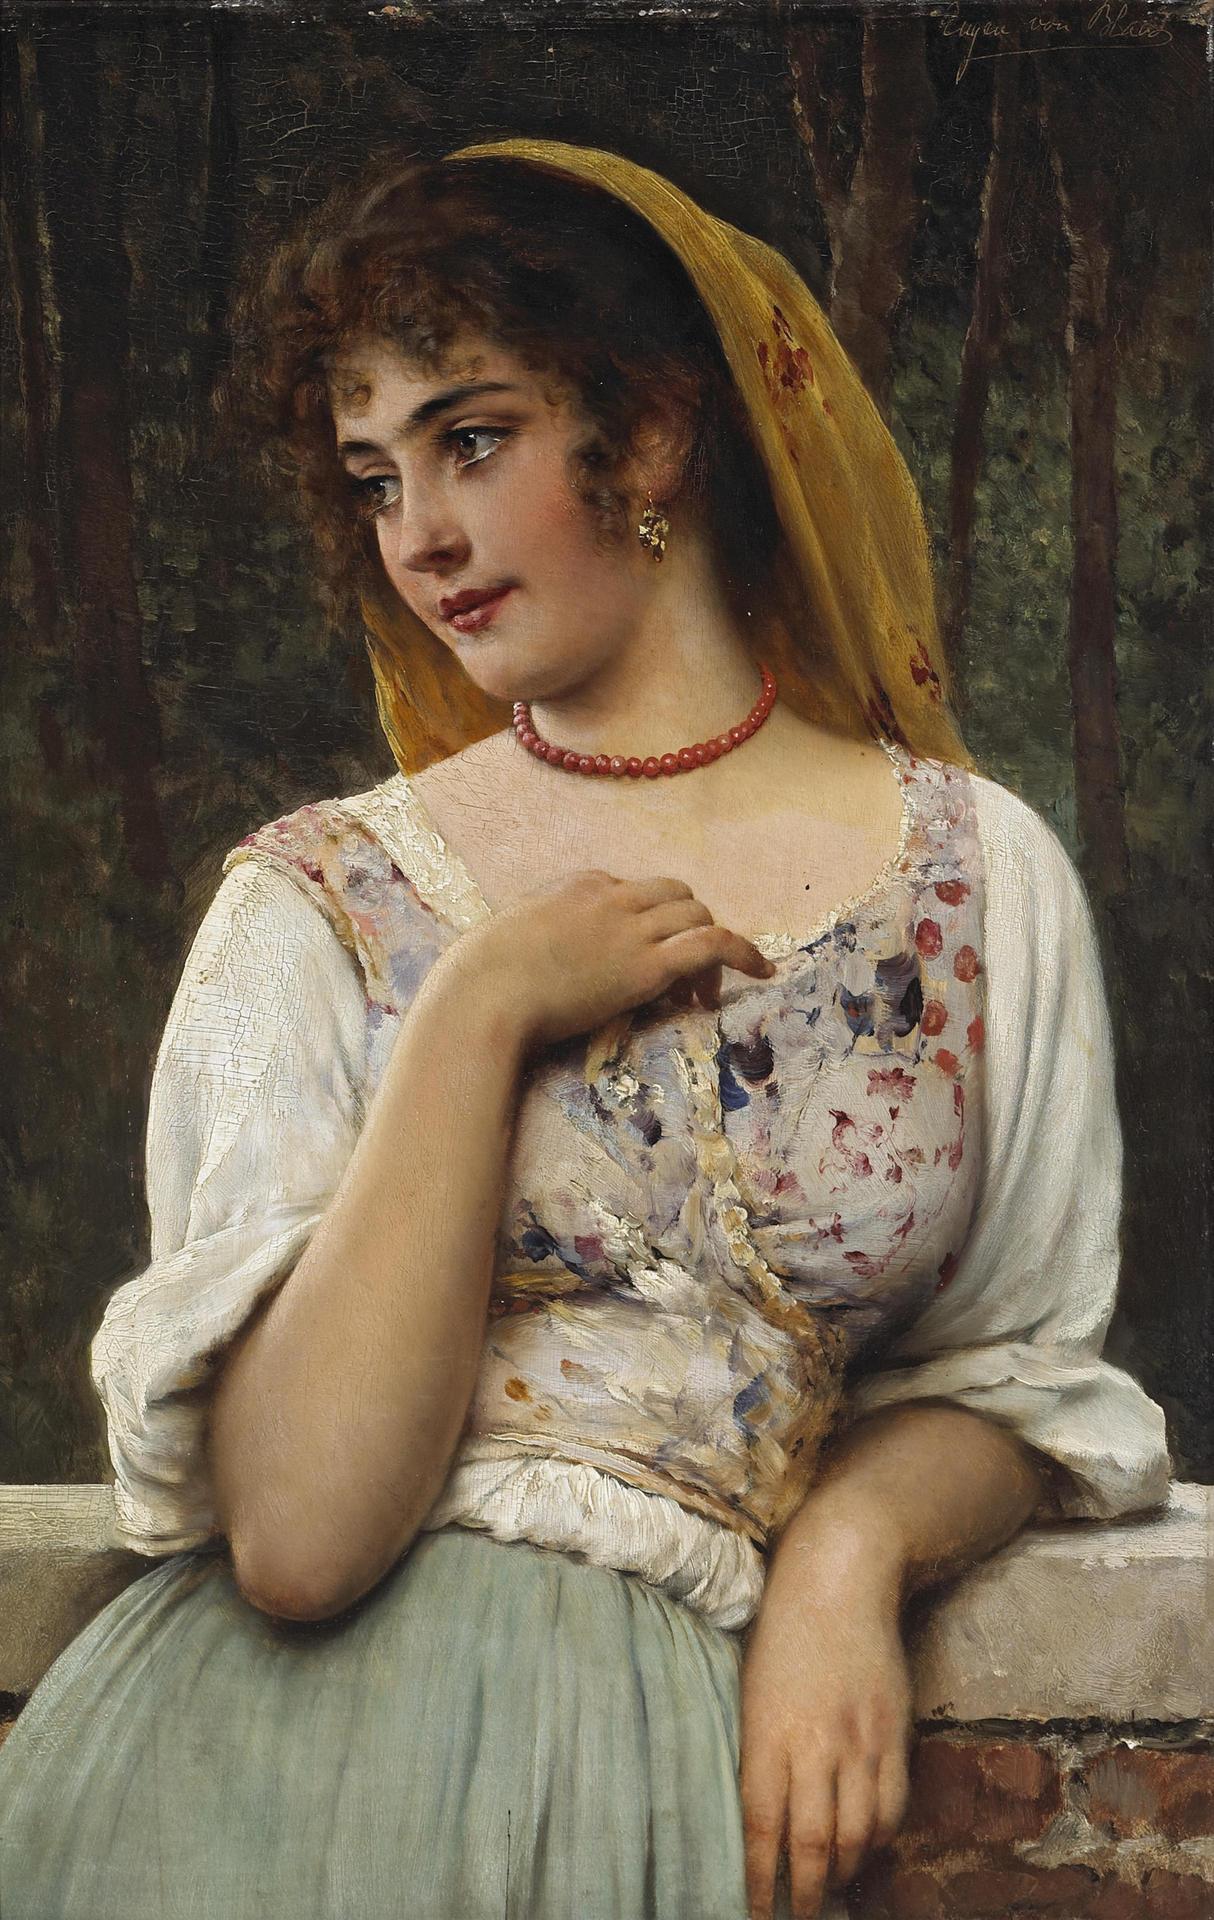 A pensive beauty